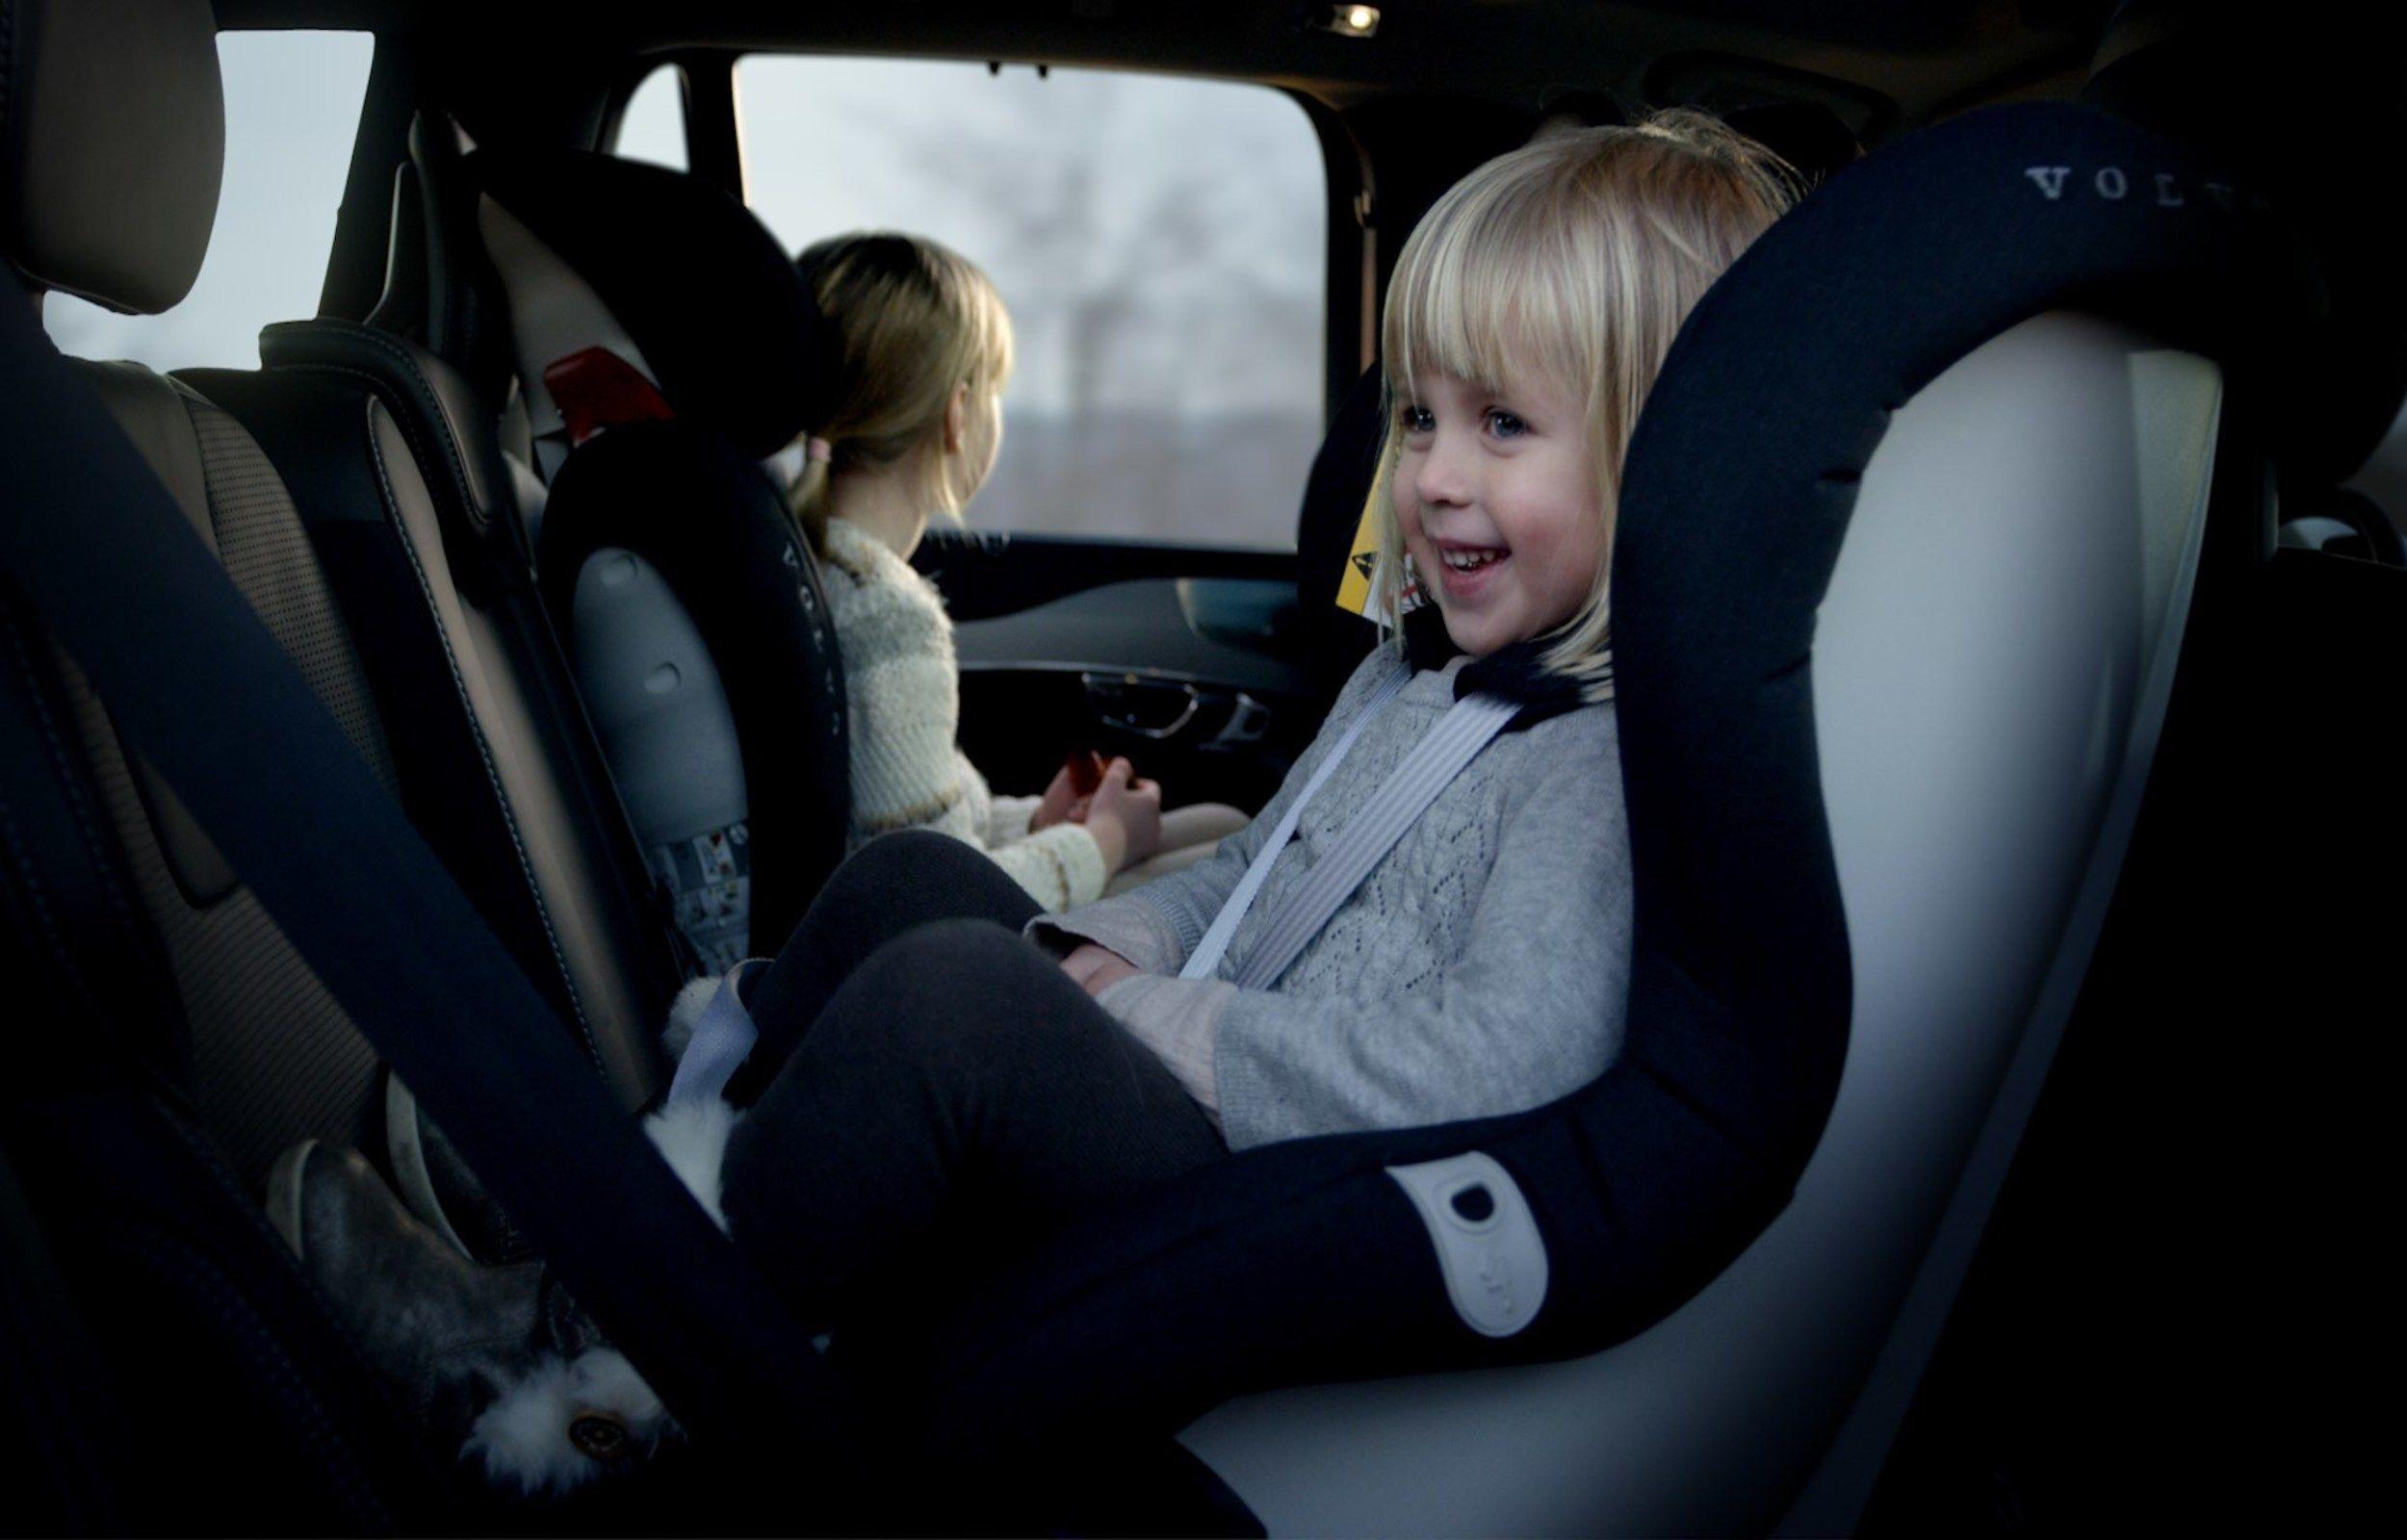 ¿Cómo elegir la silla más adecuada para nuestros hijos?